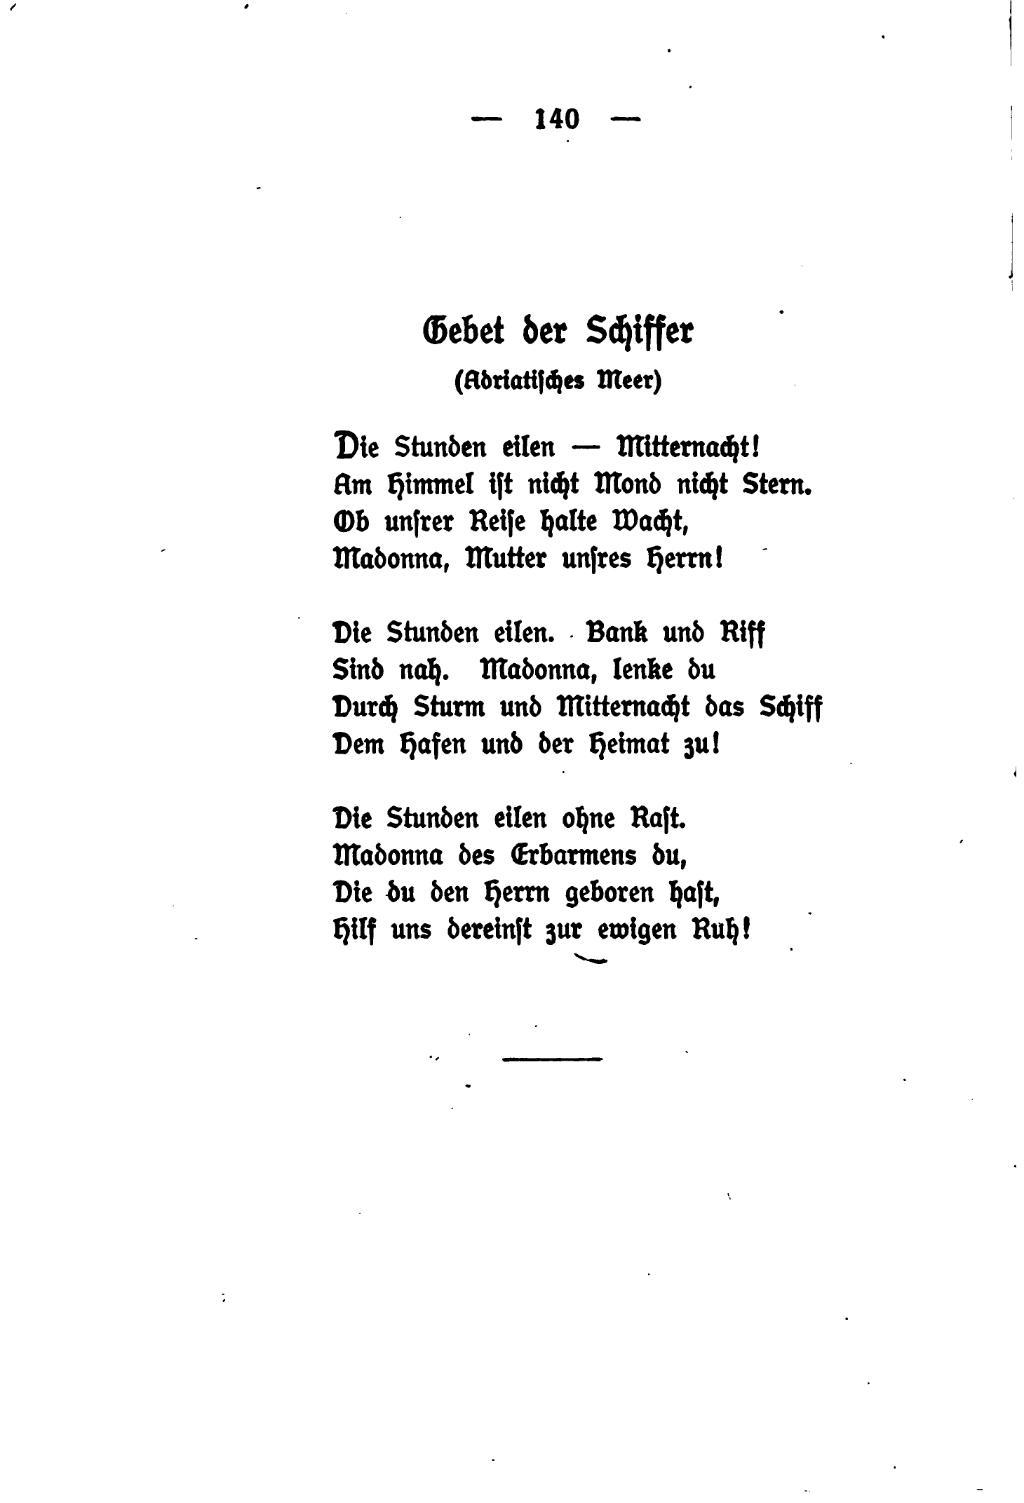 Gedicht madonna hesse